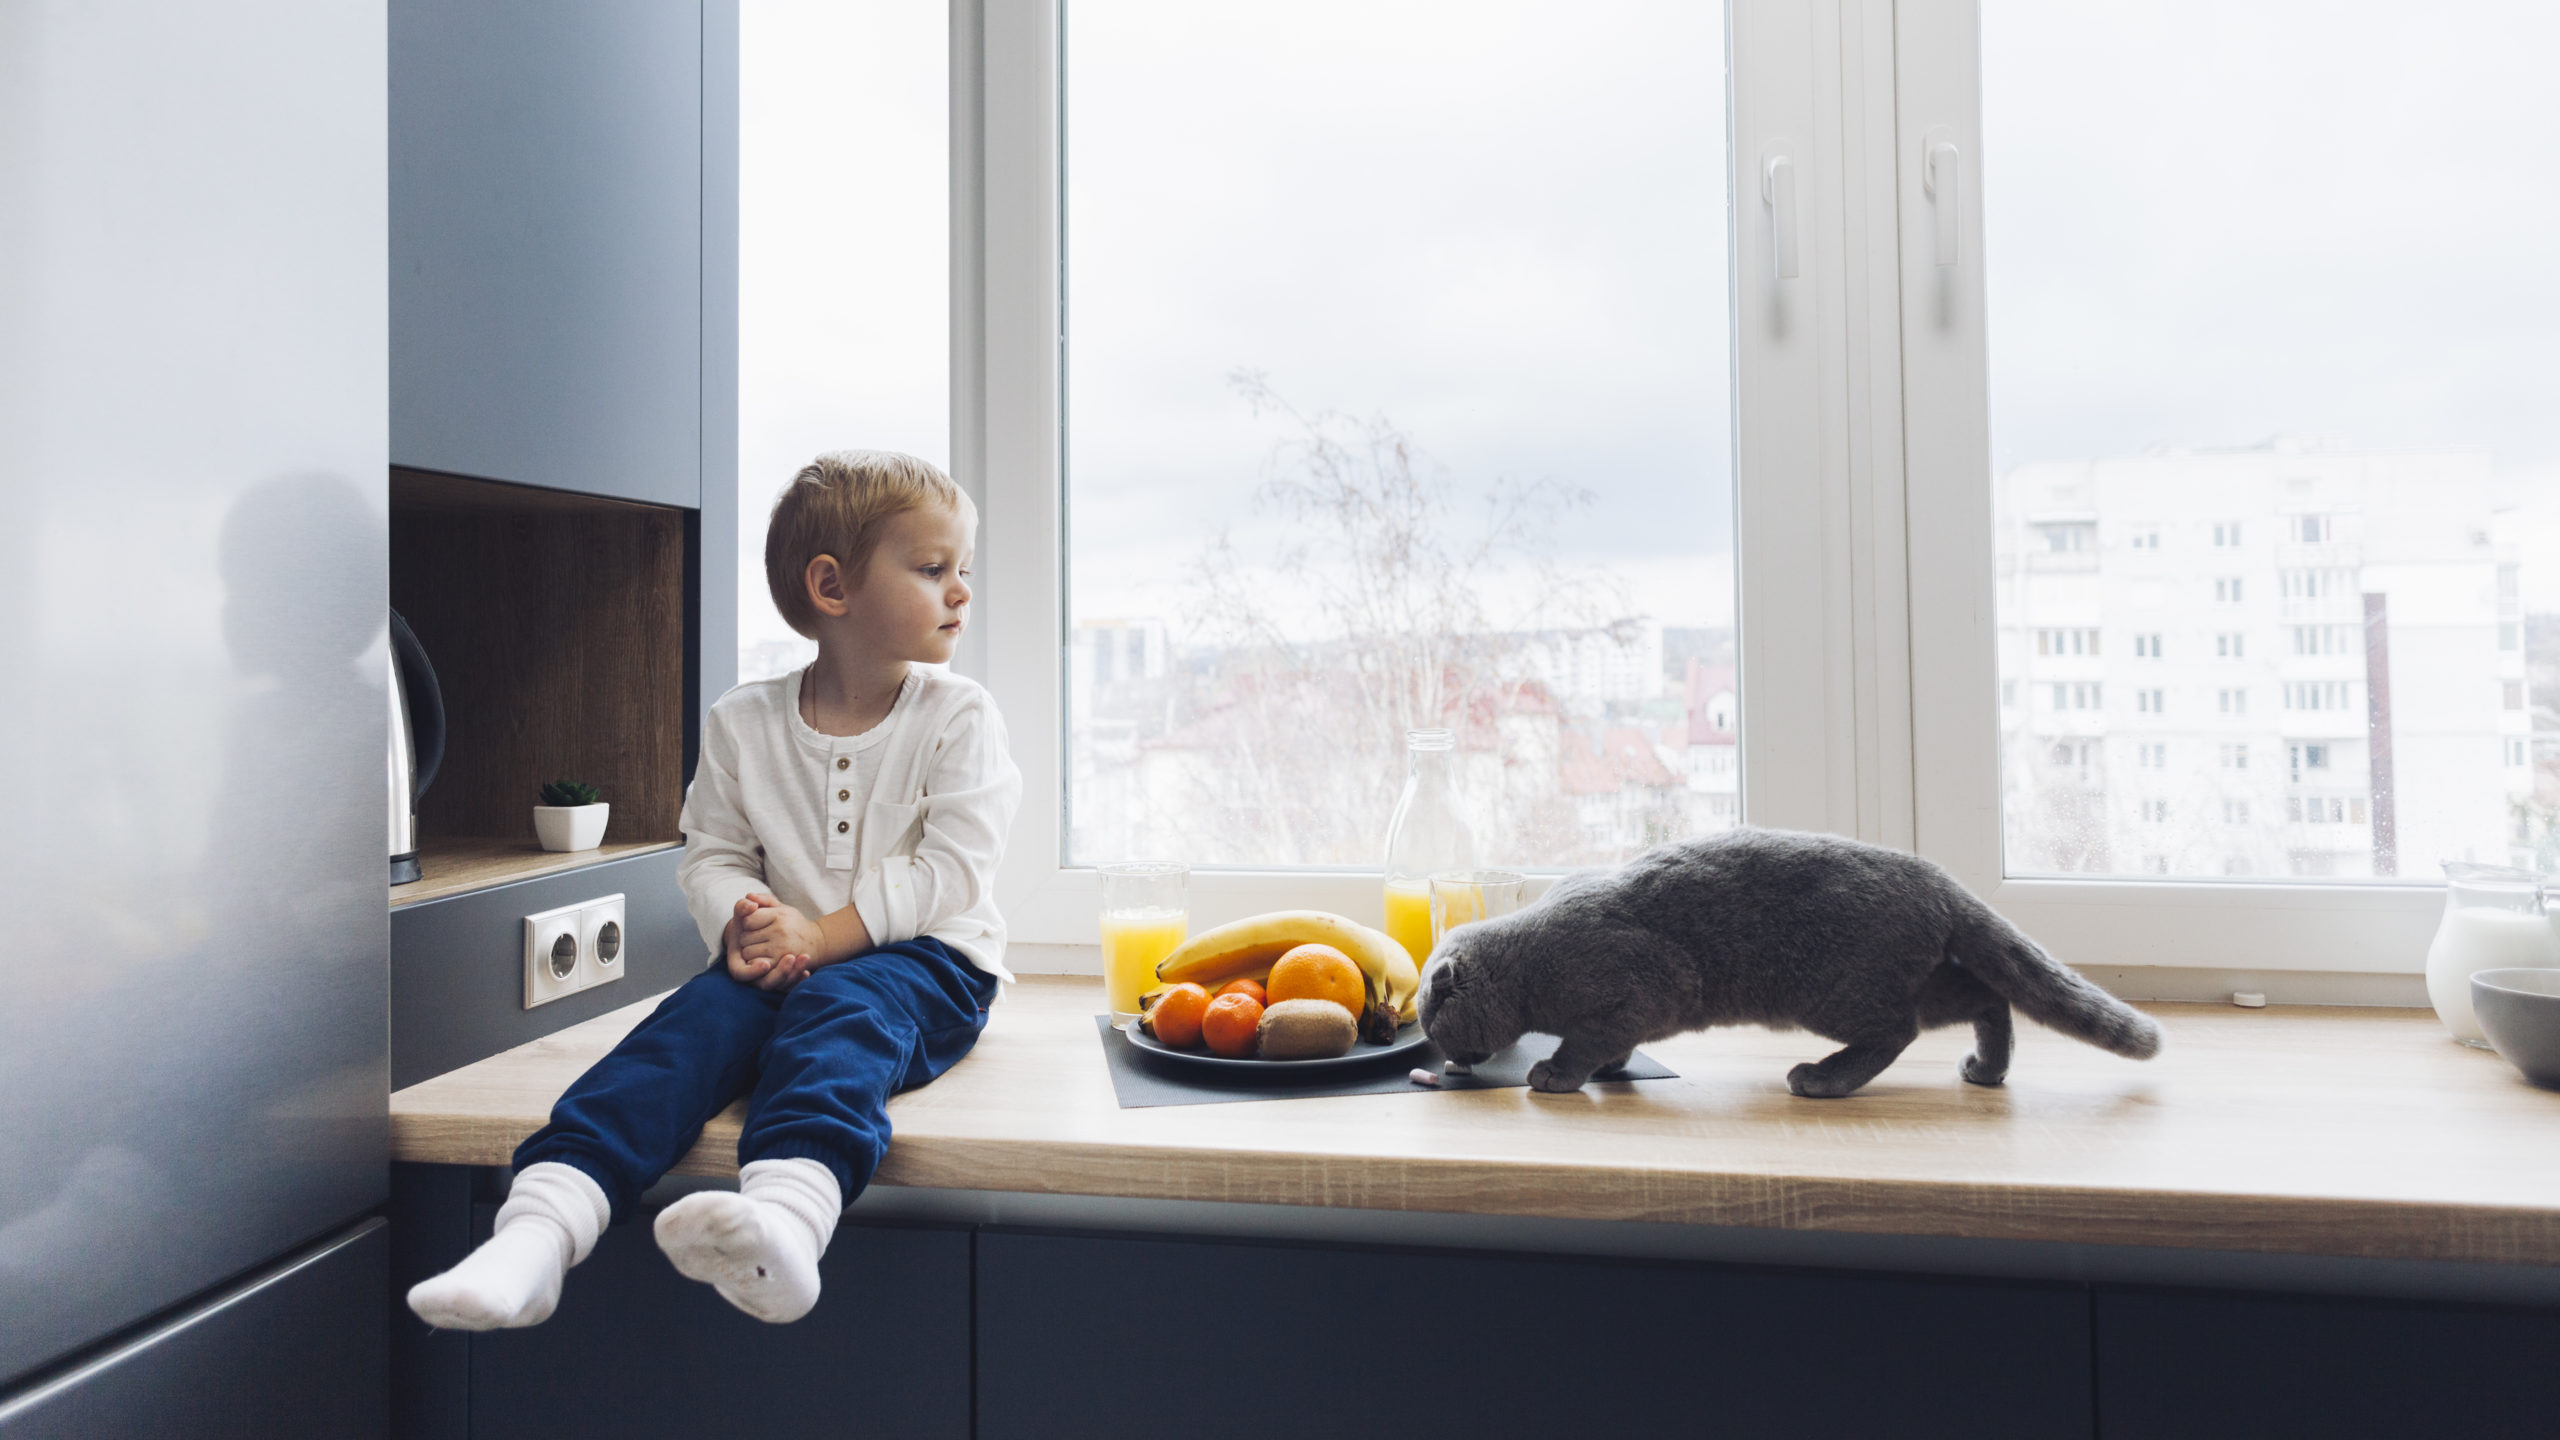 ネコへバナナを与える時の注意点